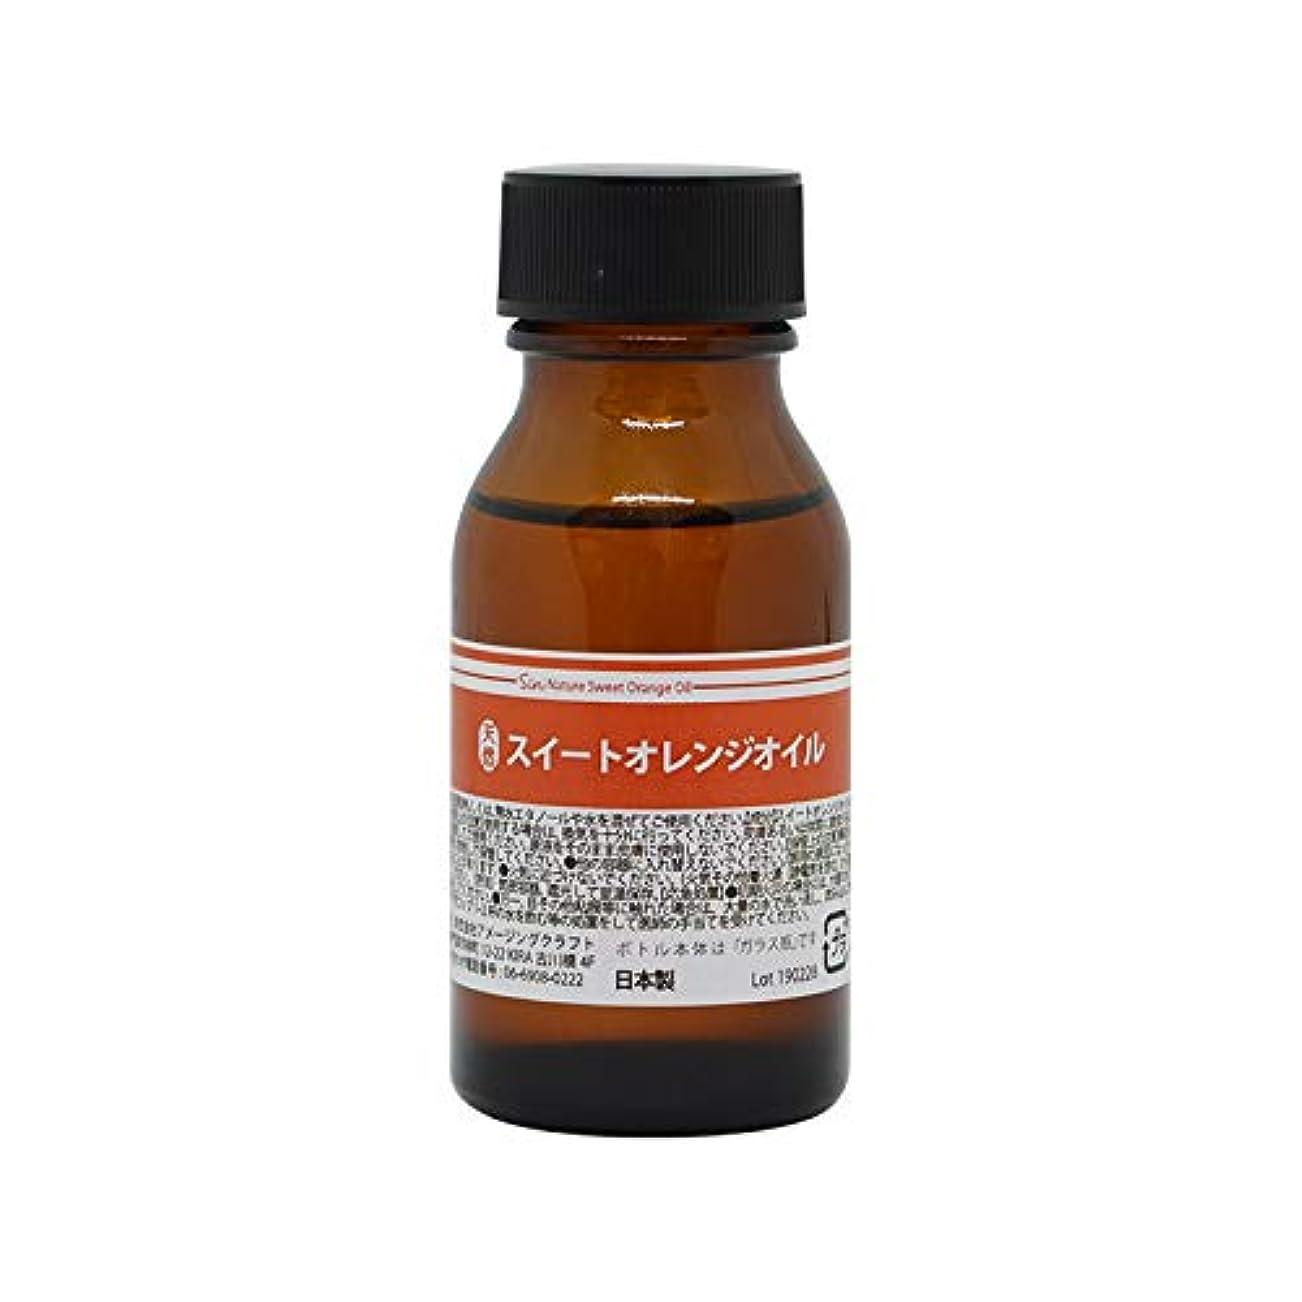 つぶす厳しい干渉する天然100% スイートオレンジオイル 50ml (オレンジスイート) エッセンシャルオイル